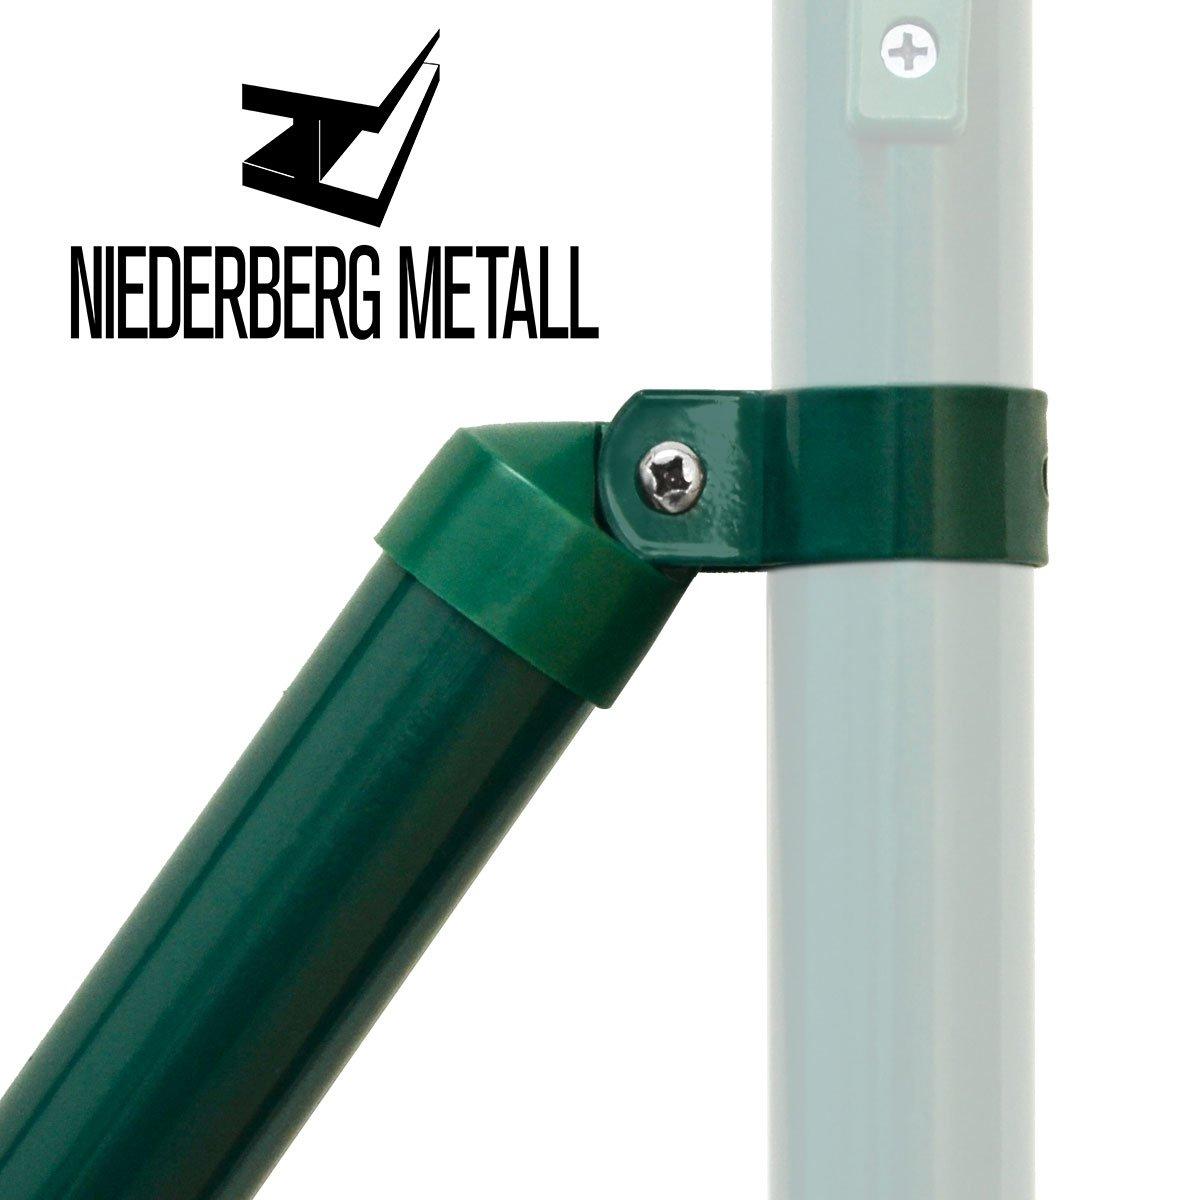 NIEDERBERG METALL Zaunstrebe 130 cm Stützstrebe ˜ 34 mm Gartenzaun